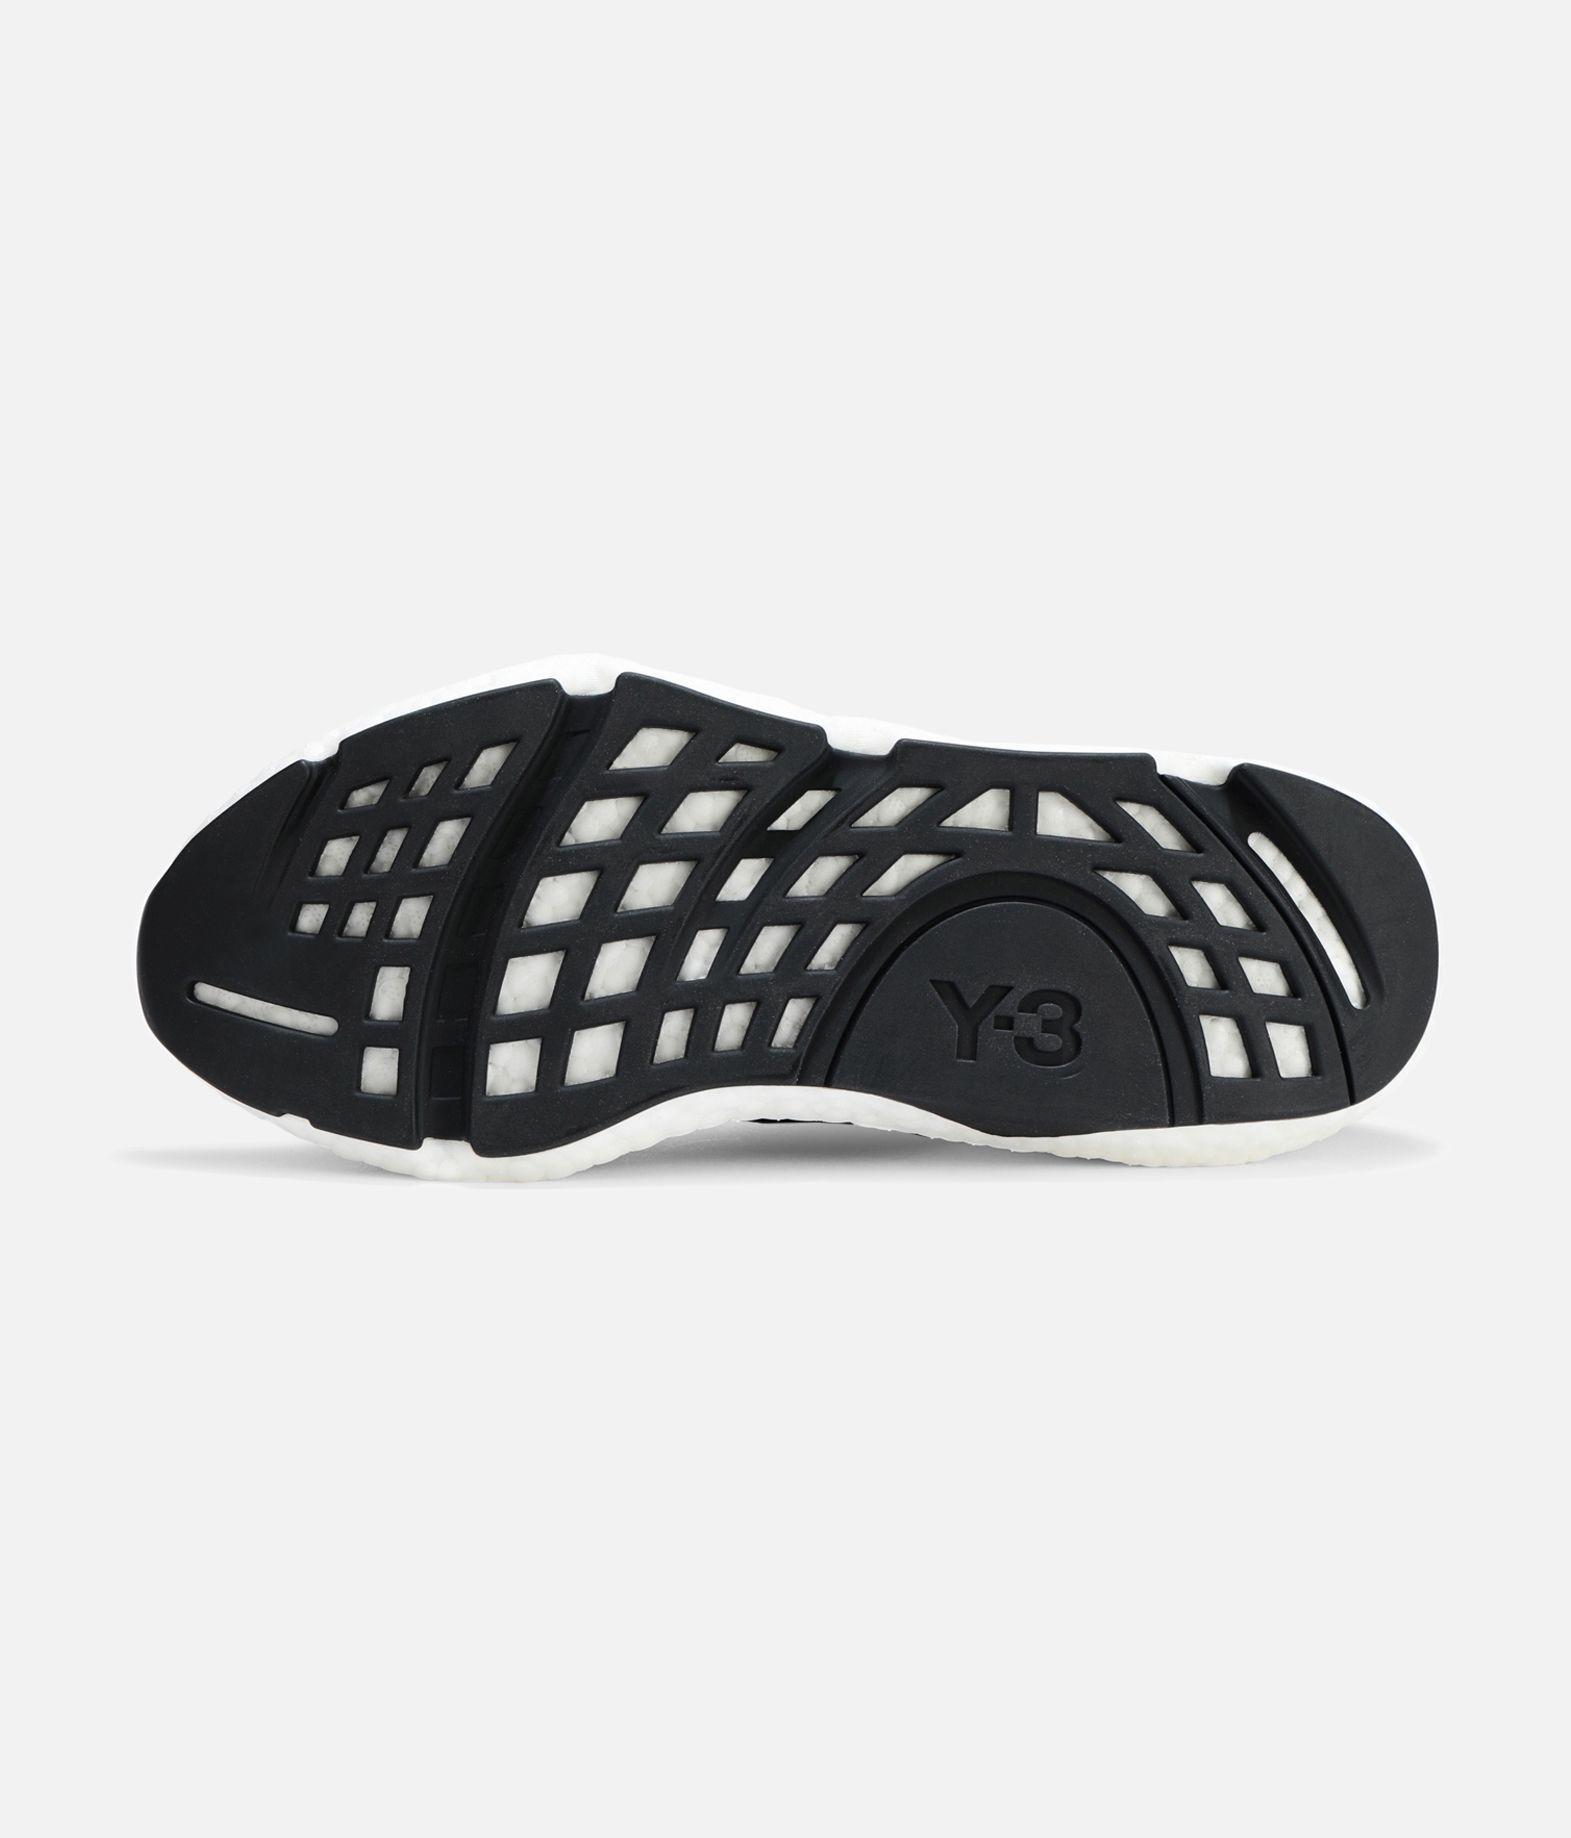 Y-3 Y-3 Reberu Sneakers E a